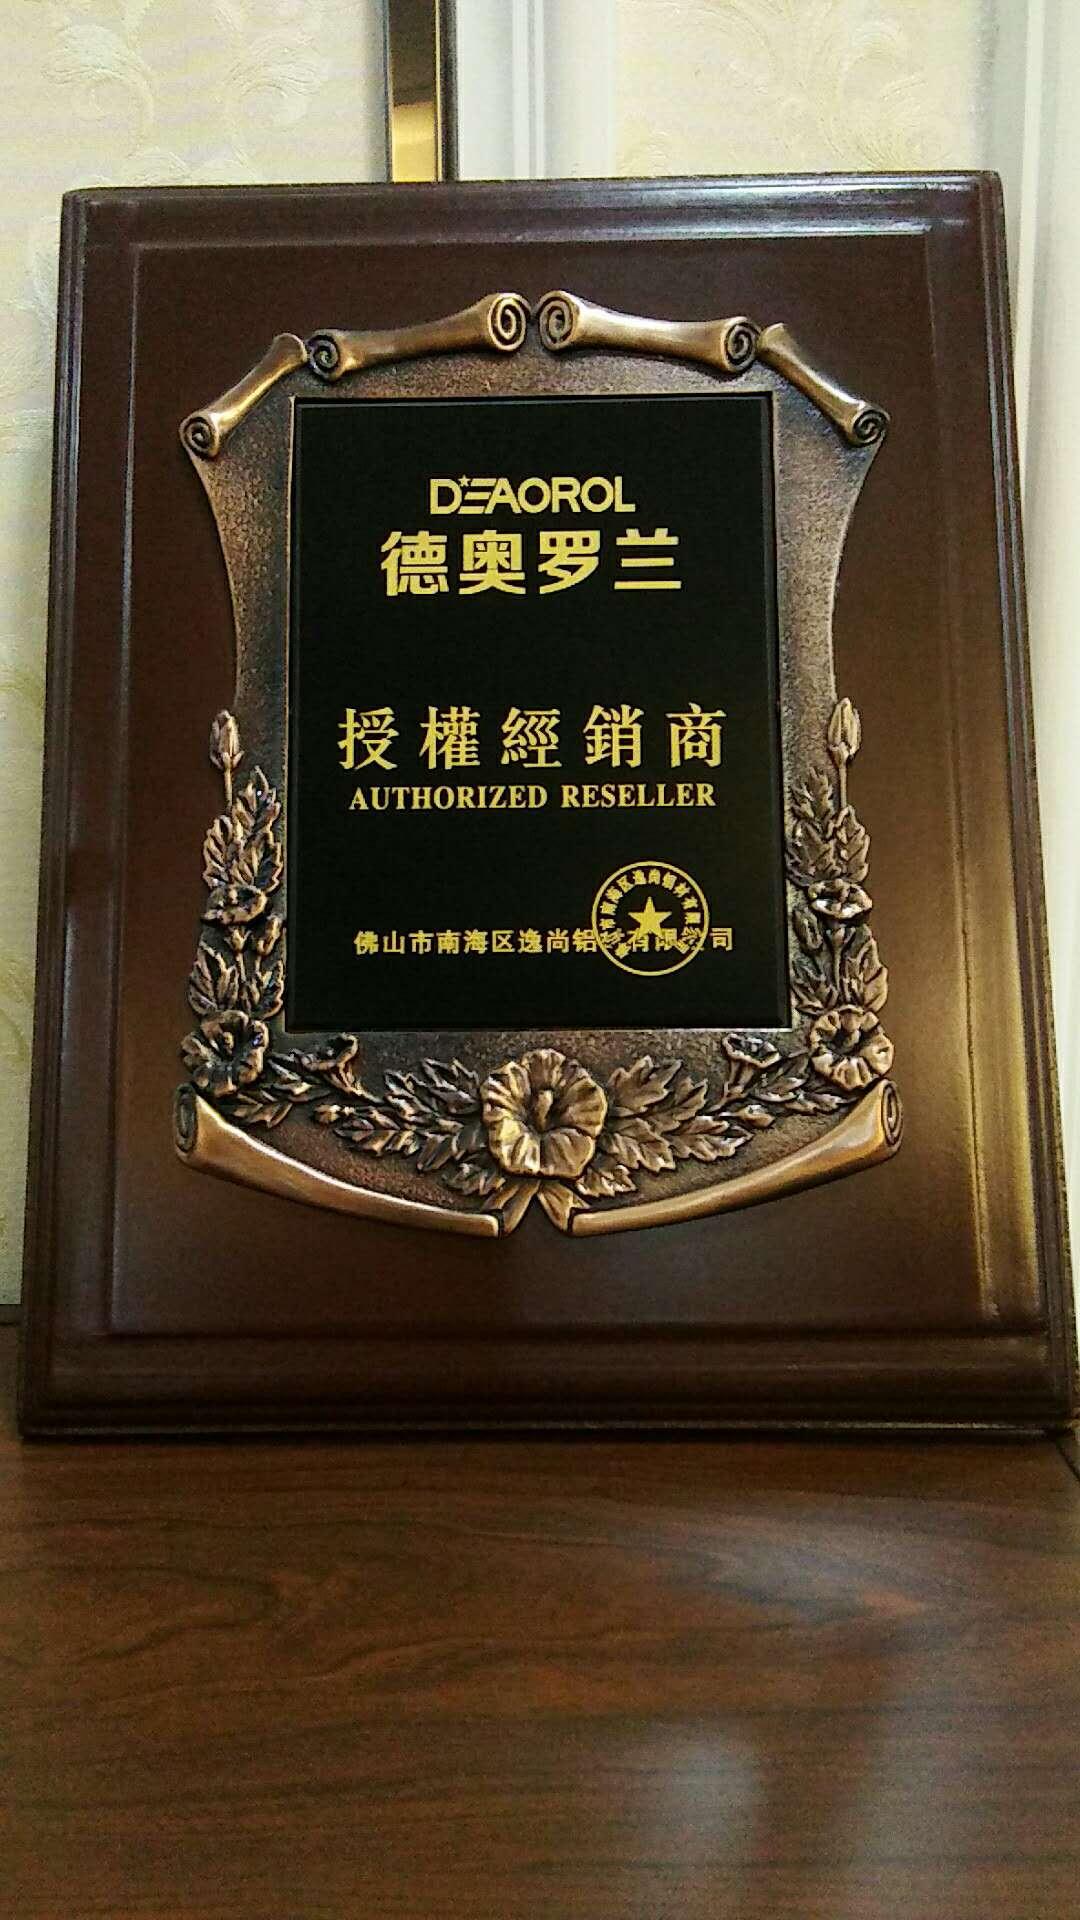 武汉星派家居用品有限公司德奥罗兰授权经销商